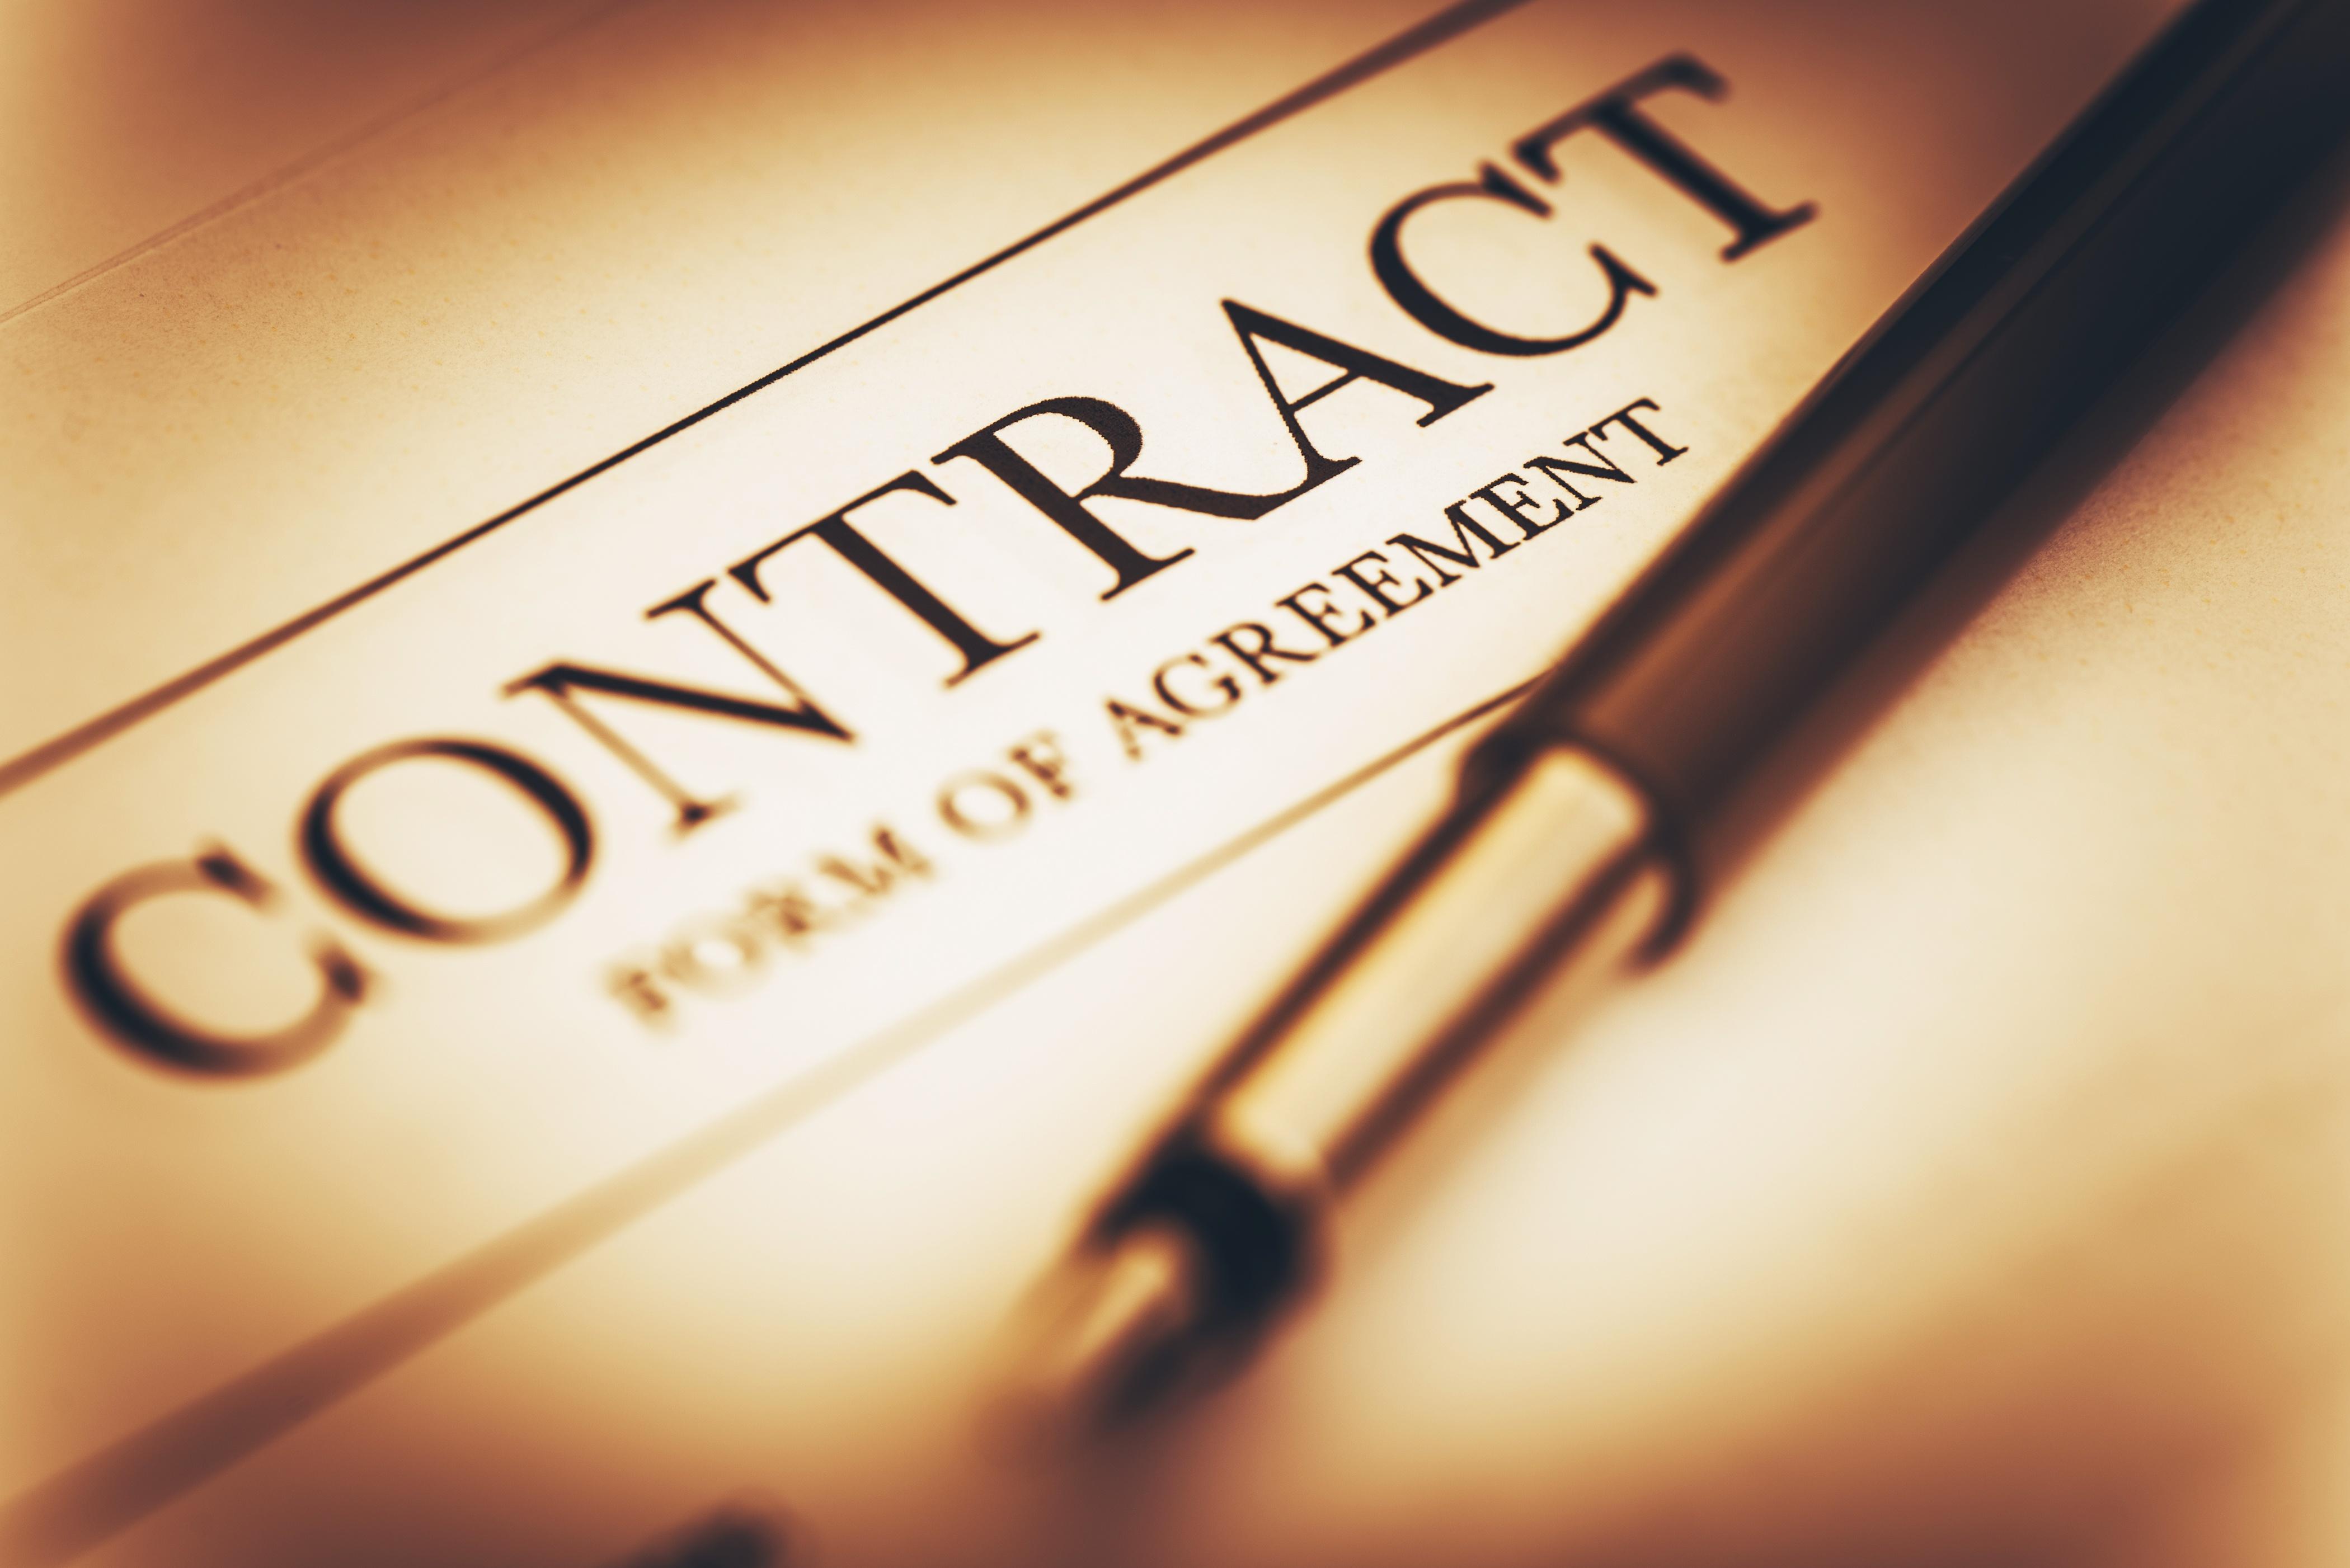 hợp đồng theo quy định của blds